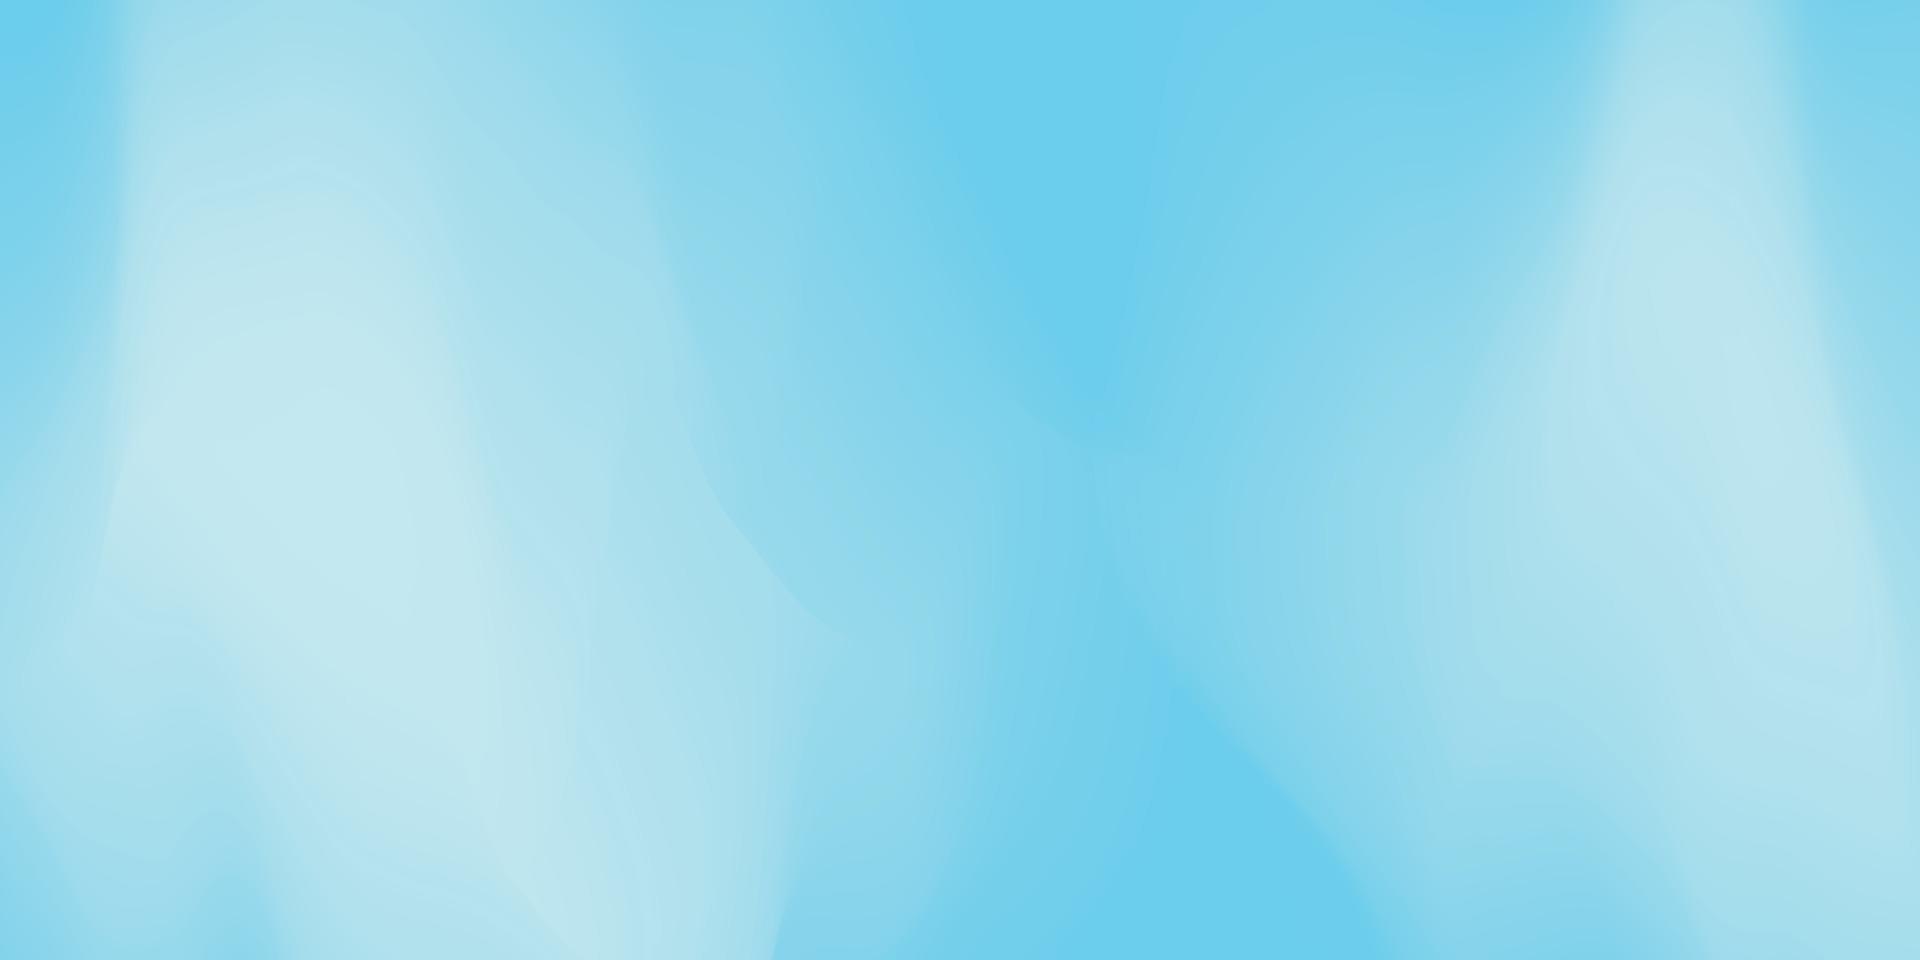 abstraktes Pastellblau-Gradientenhintergrundkonzept für Ihr grafisches buntes Design, vektor